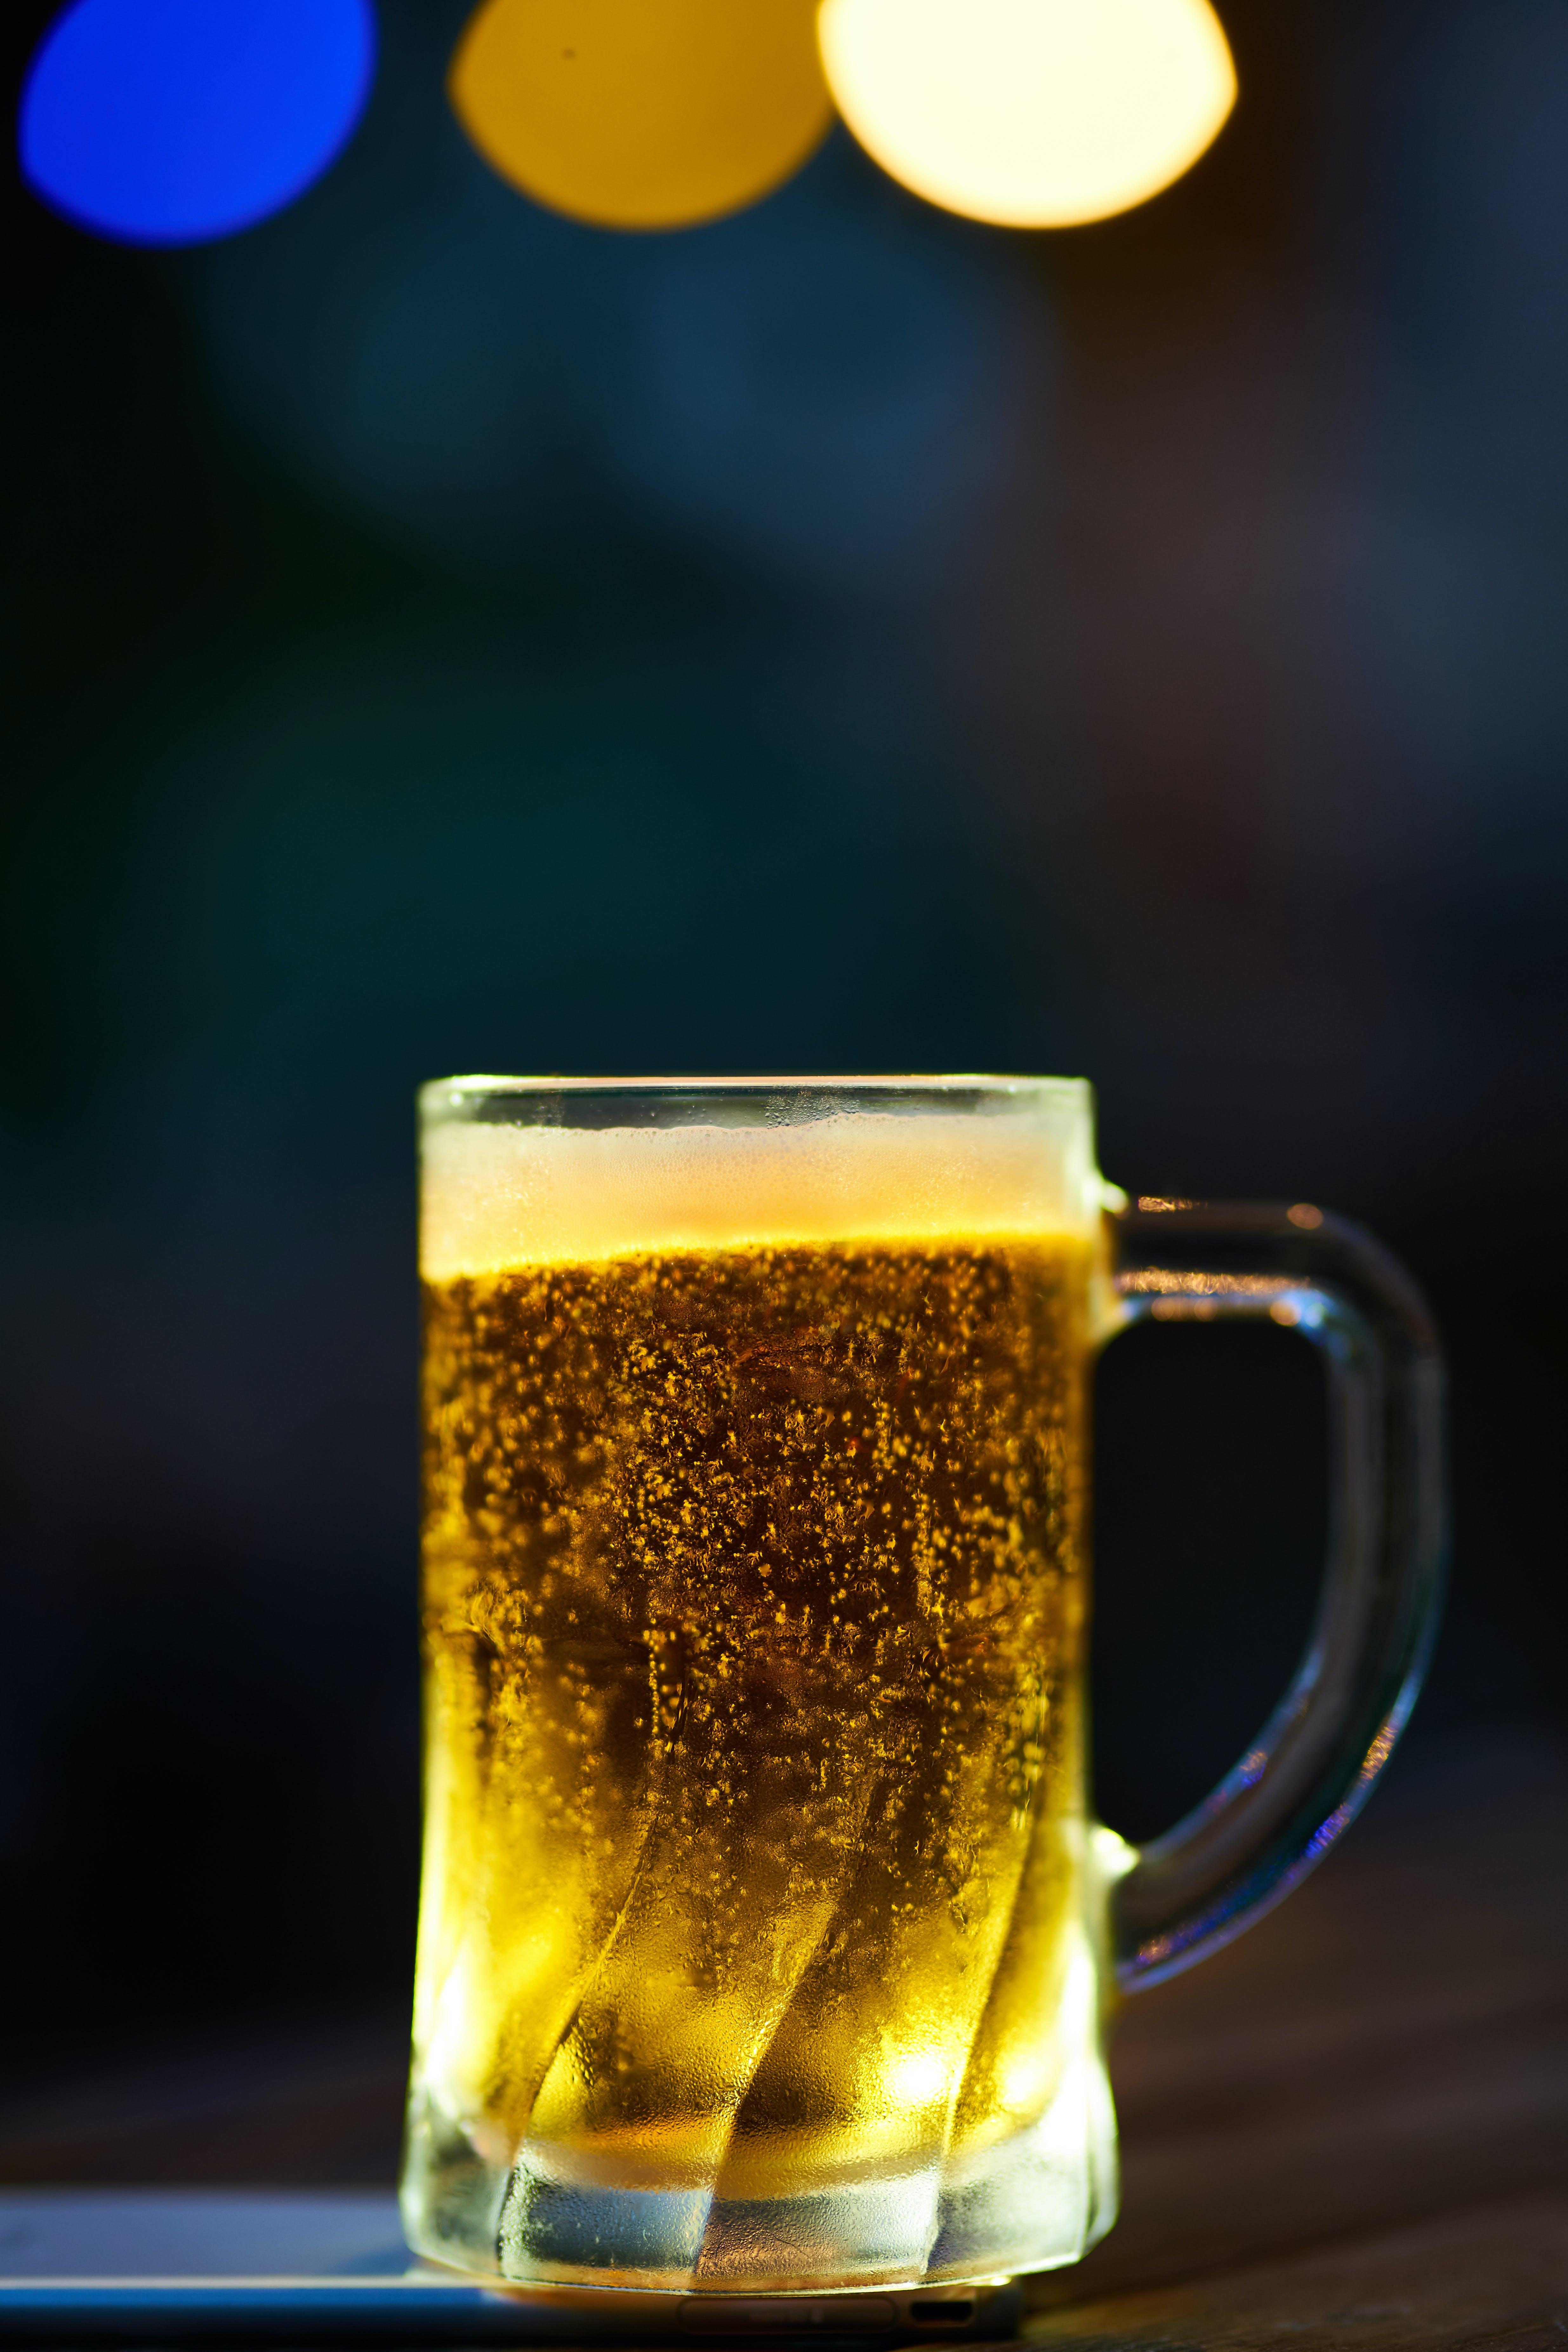 いっぱい, お酒, アルコール, ガラスの無料の写真素材